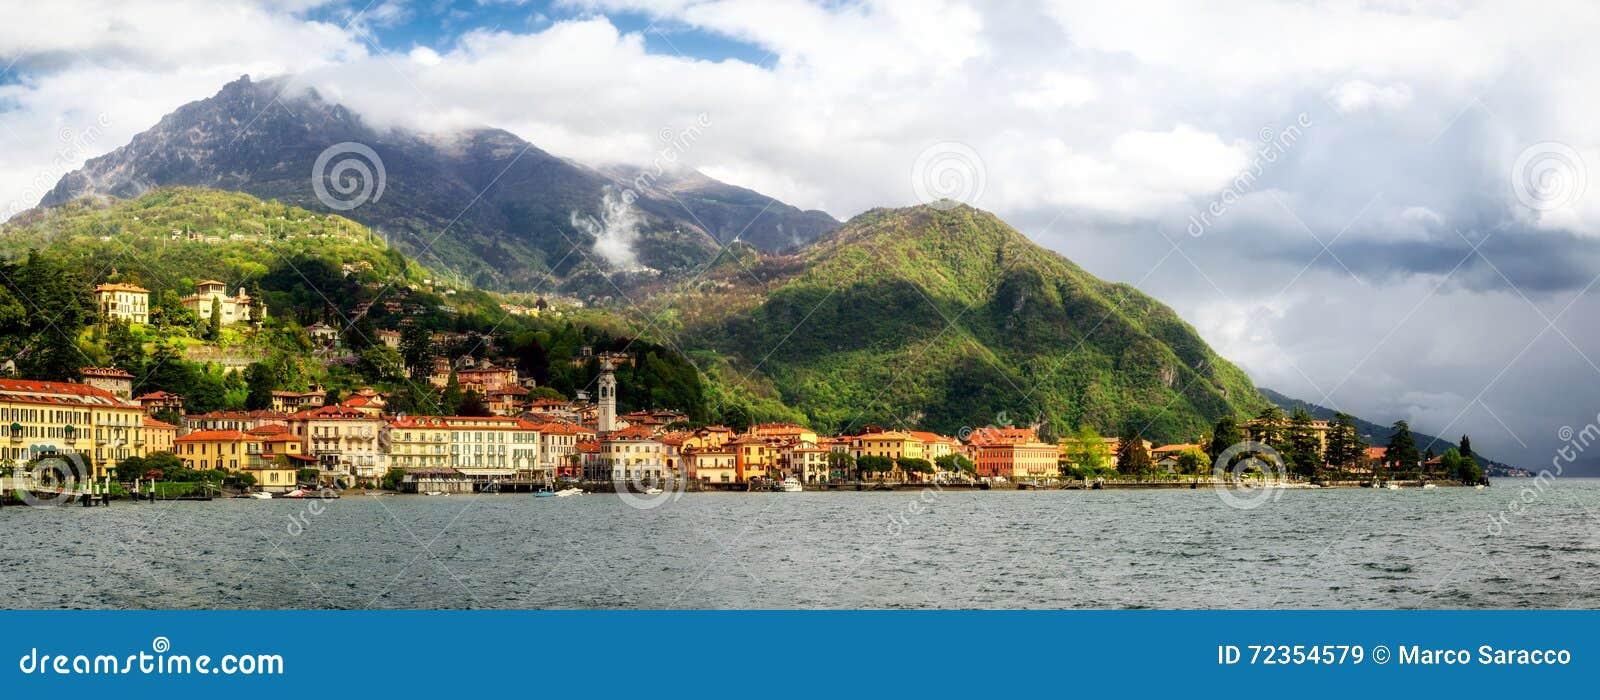 Lago二科莫(科莫湖)梅纳焦高定义